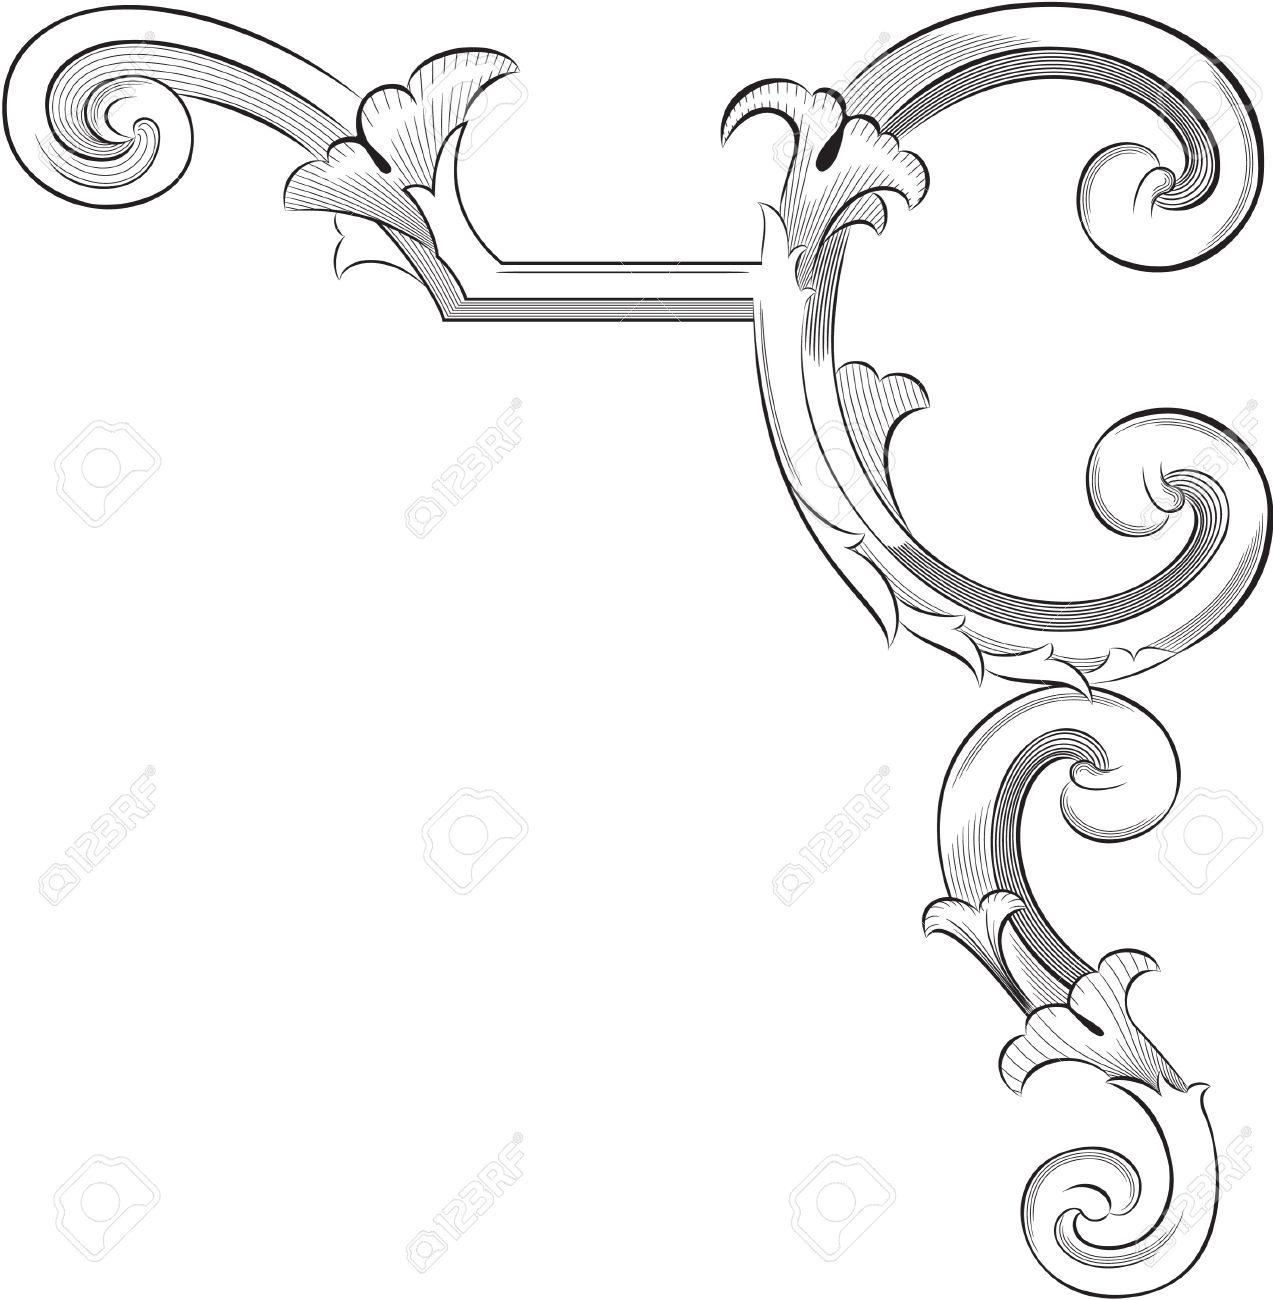 acanthus : Engraving pattern